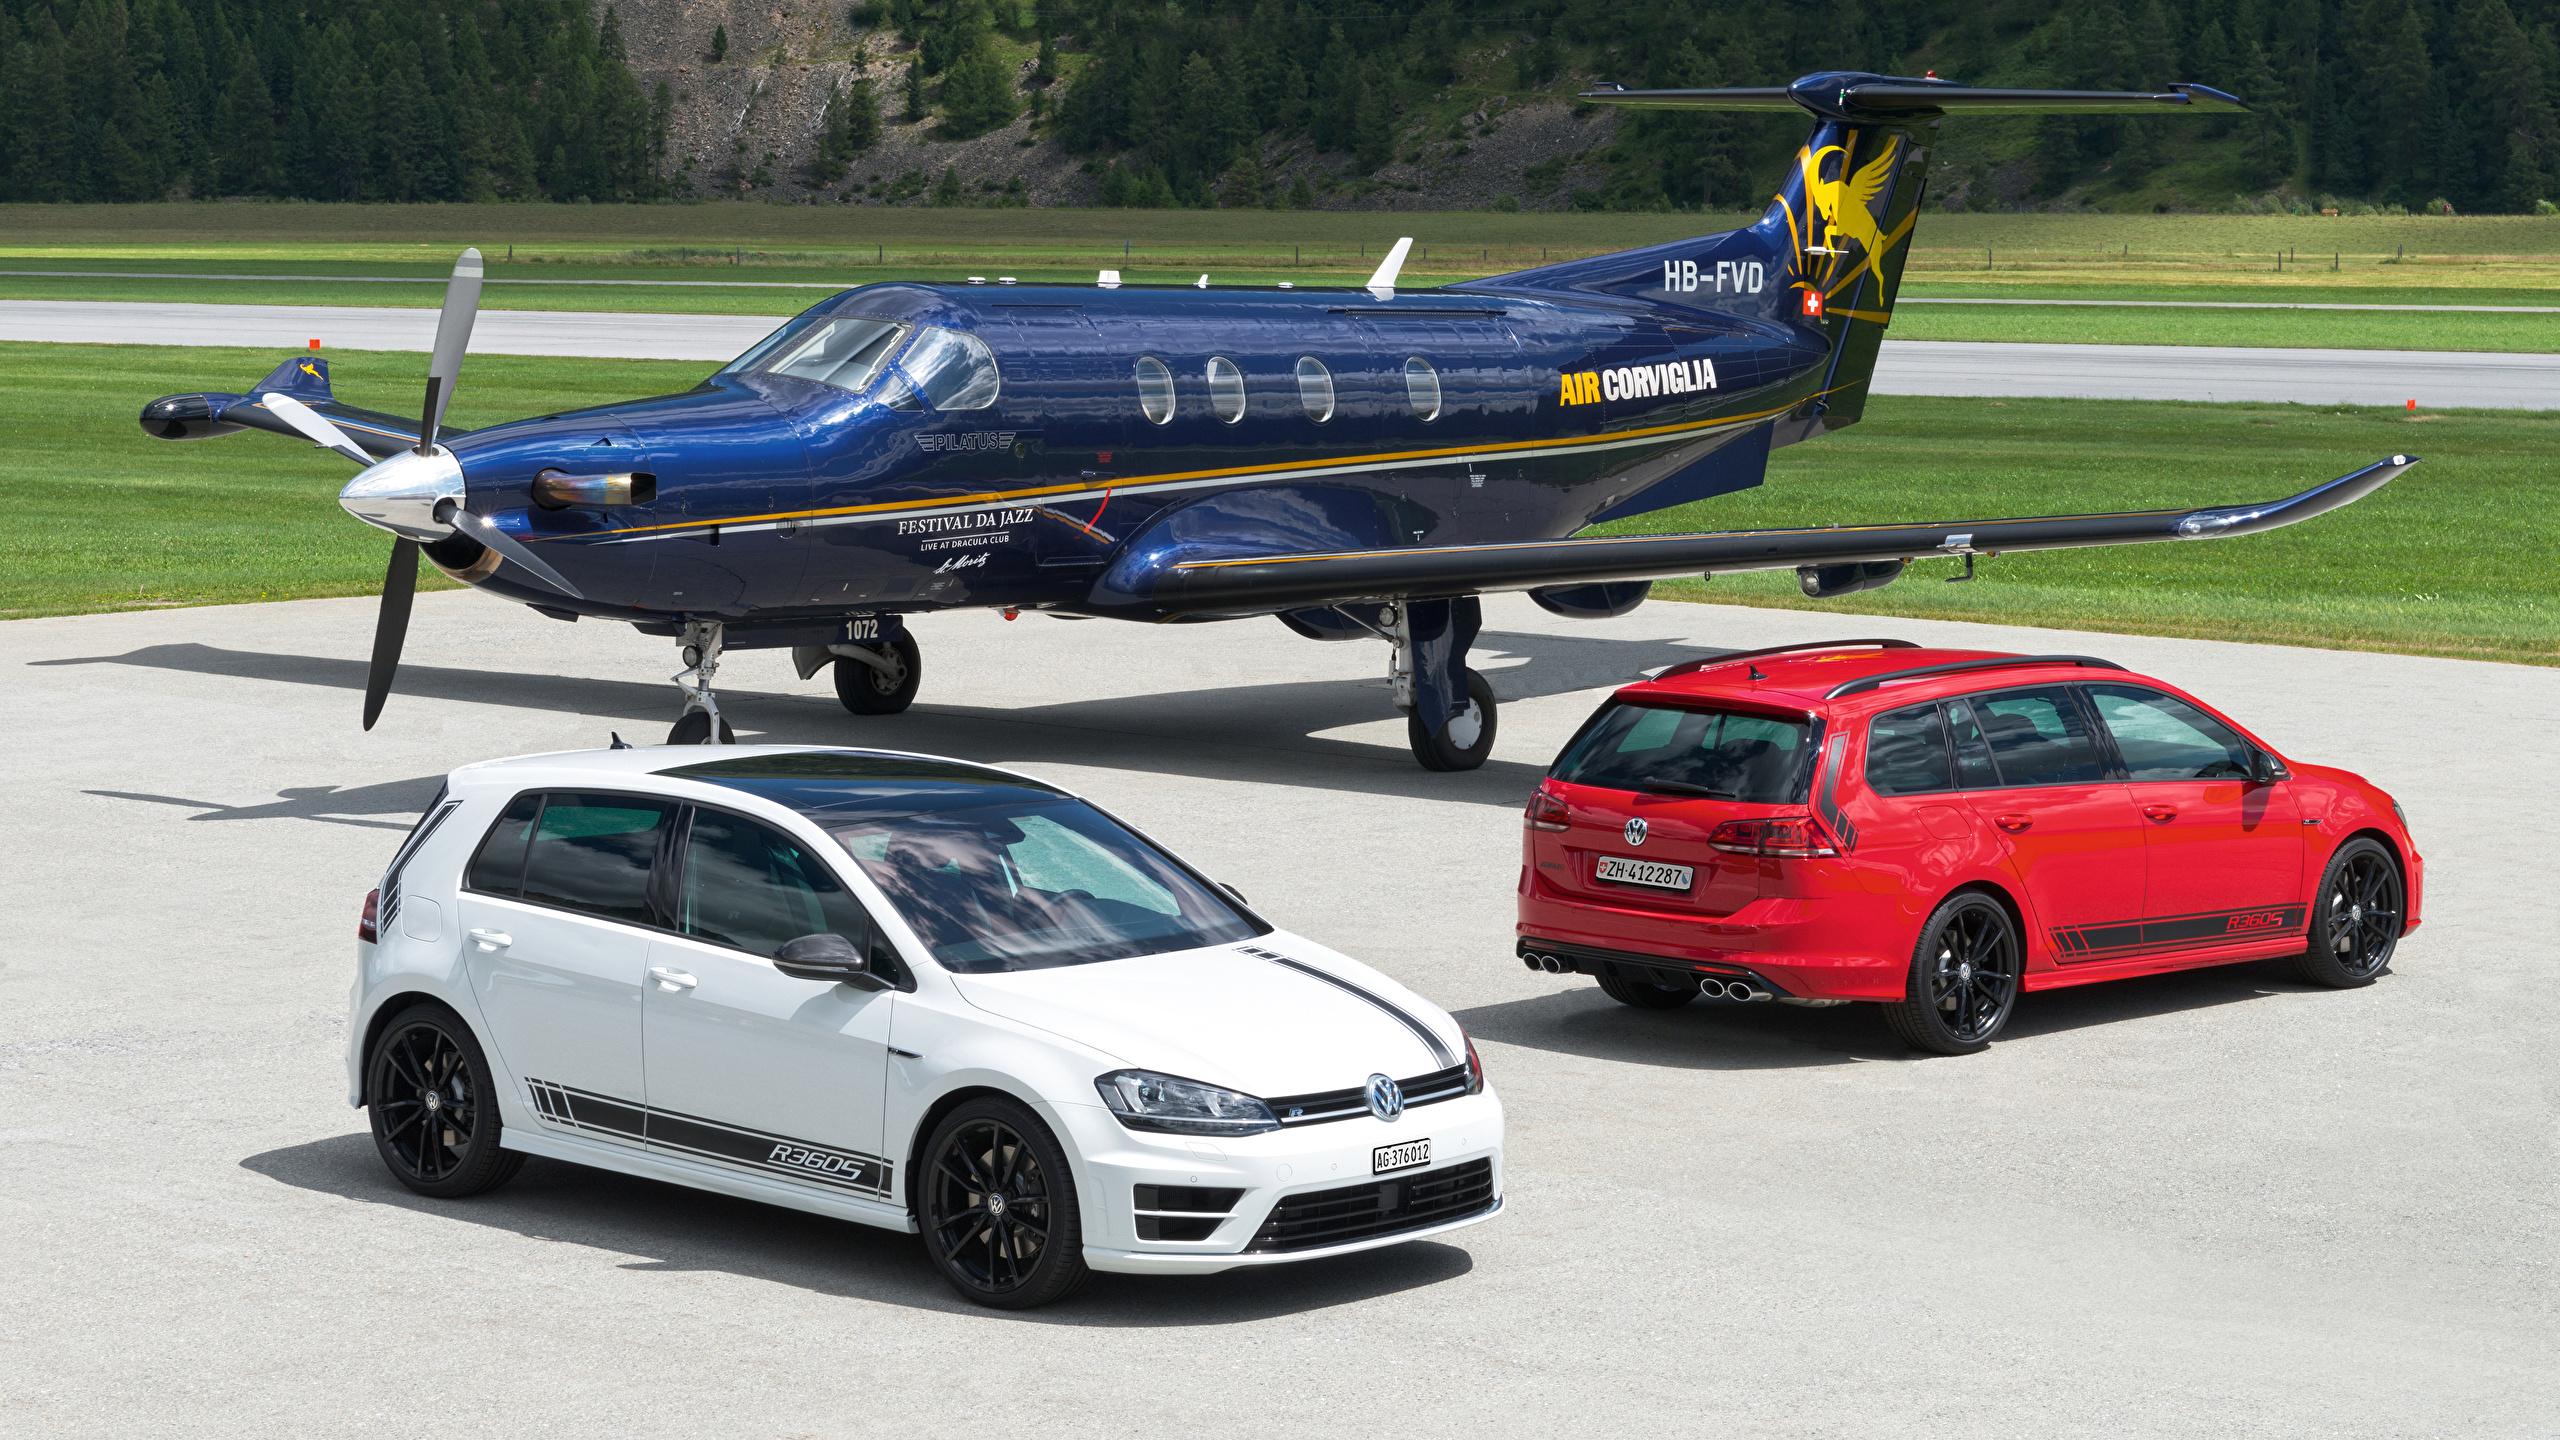 Обои Volkswagen Самолеты 2012-16 Golf две машины Металлик Авиация 2560x1440 Фольксваген 2 два Двое вдвоем авто машина автомобиль Автомобили